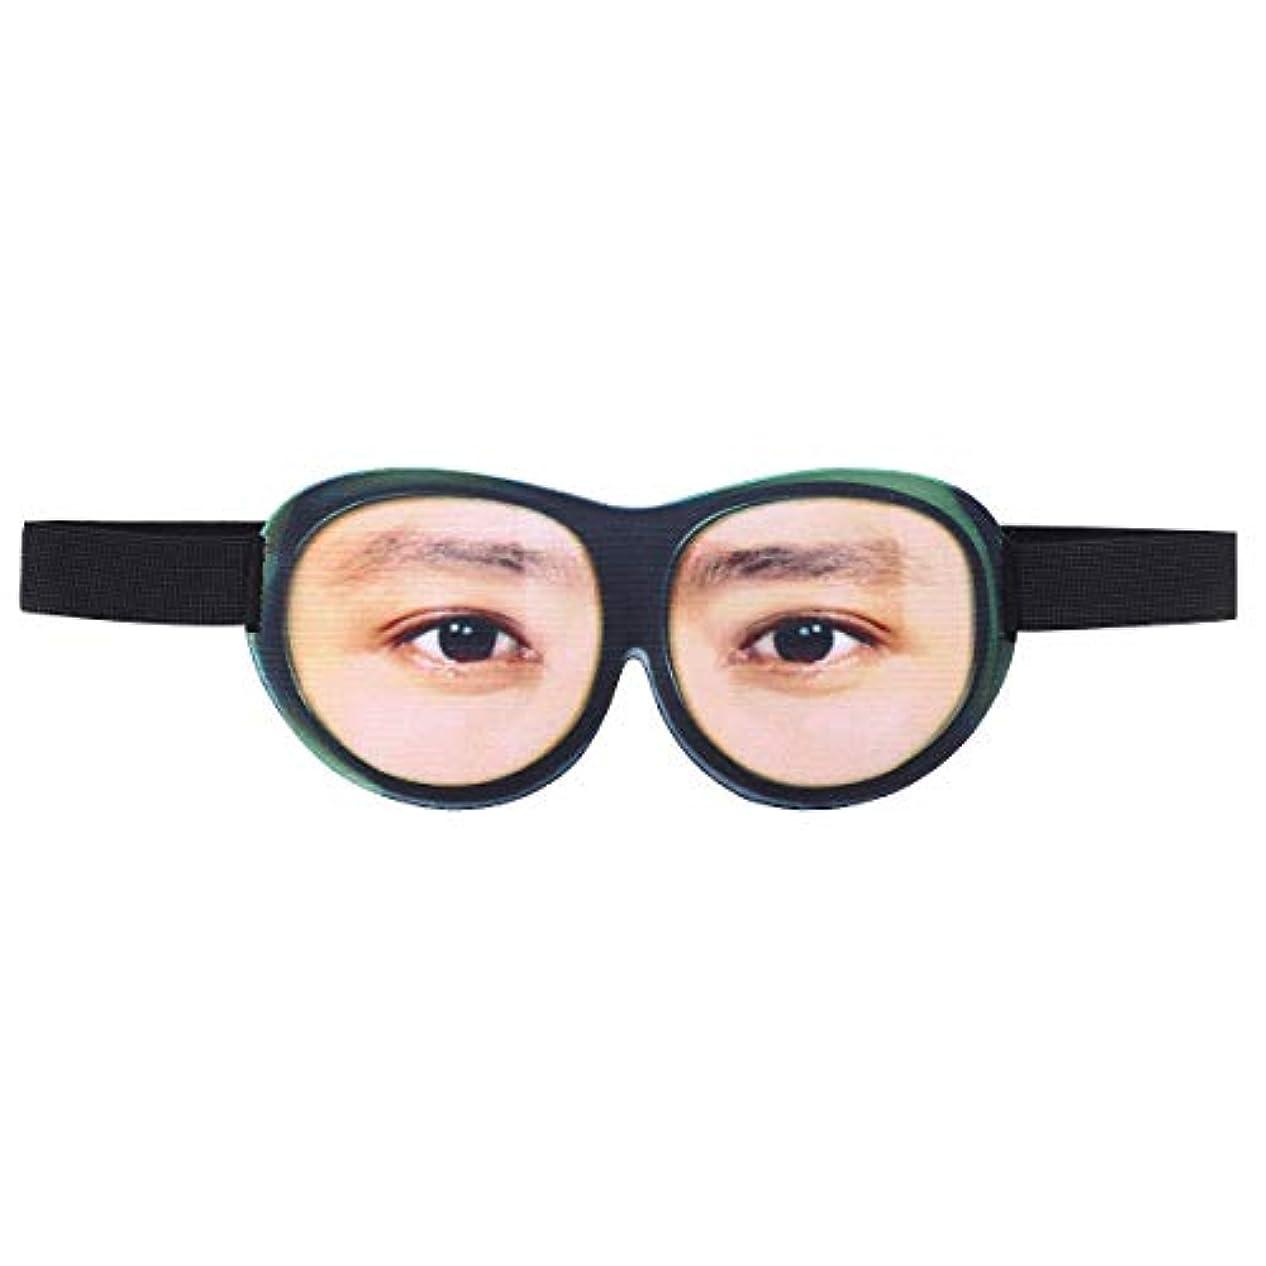 リファイン熟考する中央値SUPVOX 男性と女性のための3D面白い睡眠マスク通気性目隠しアイマスク旅行睡眠マスク